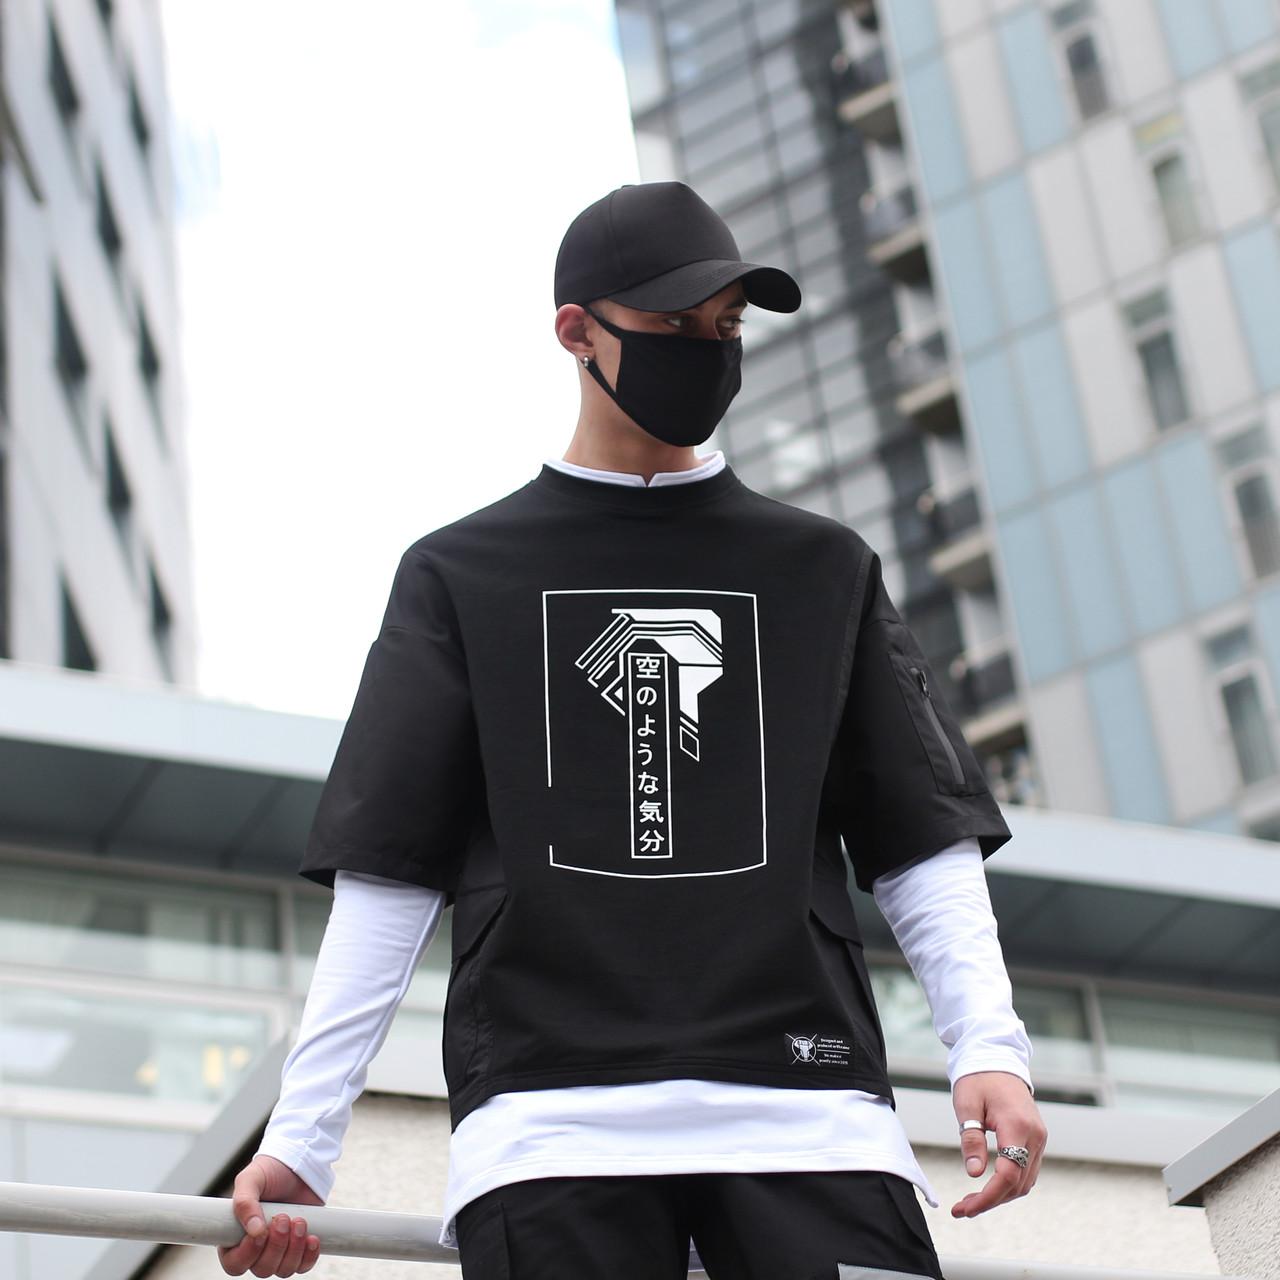 Лонгслив мужской черный с принтом от бренда ТУР модельТакеша (Takesha)